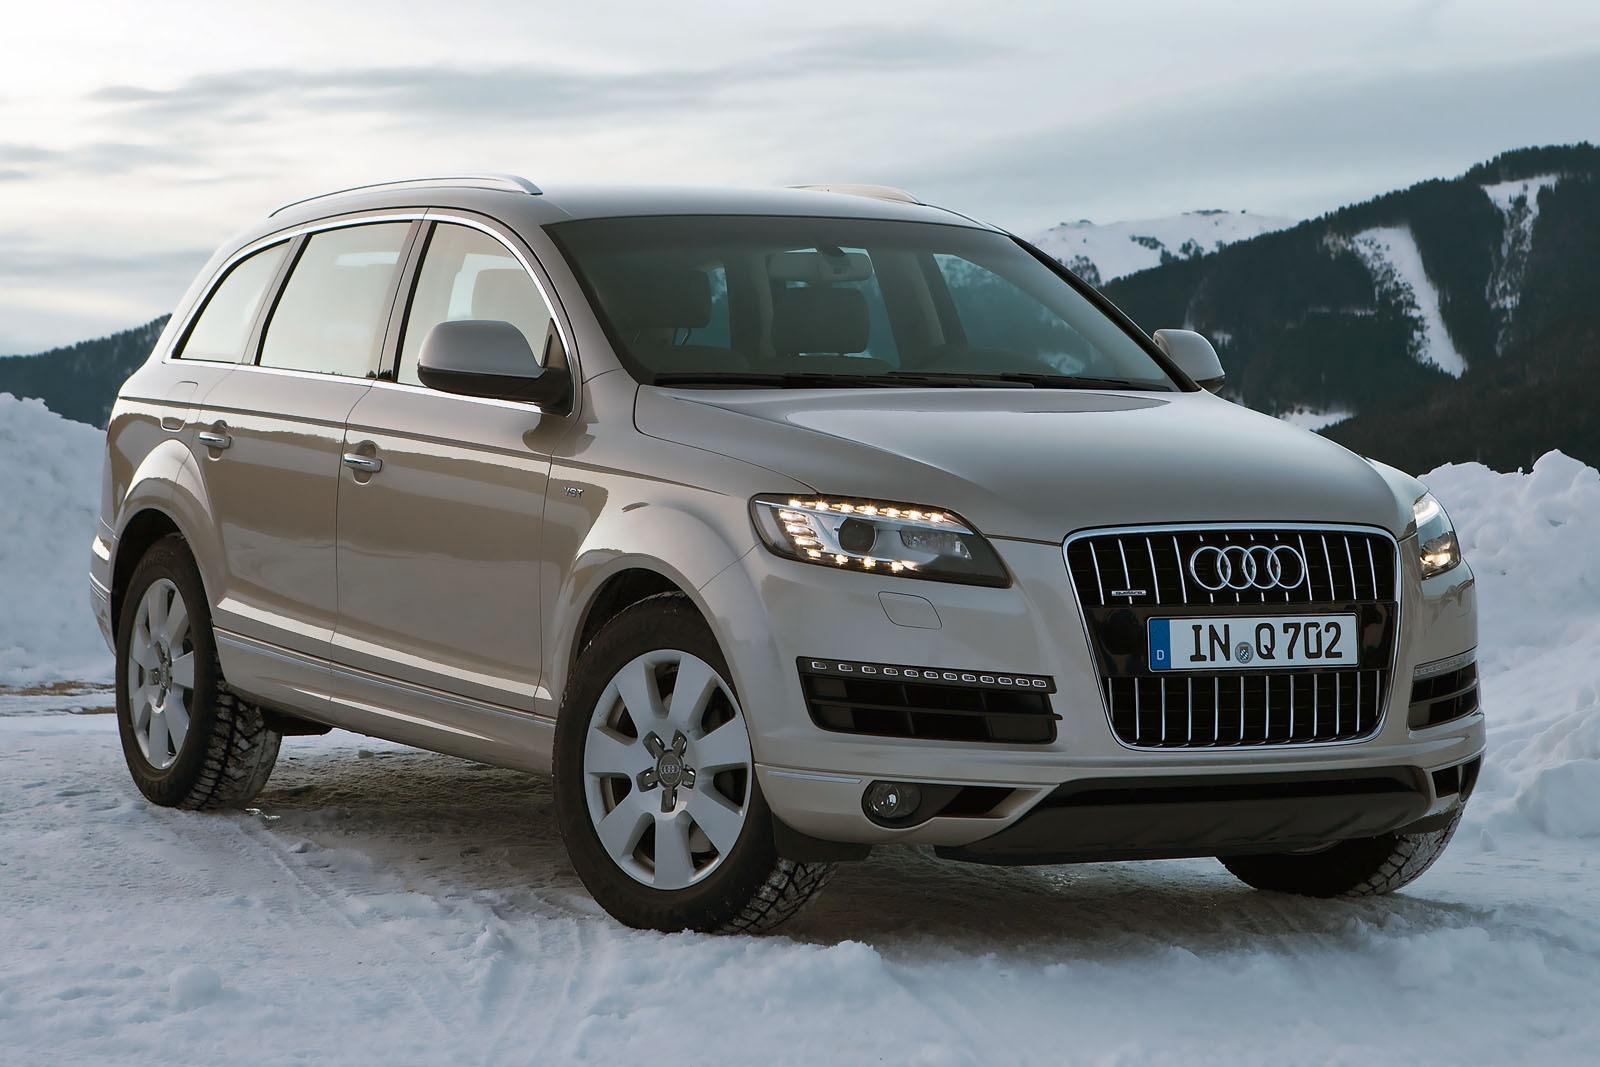 2012 Audi Q7 Image 5